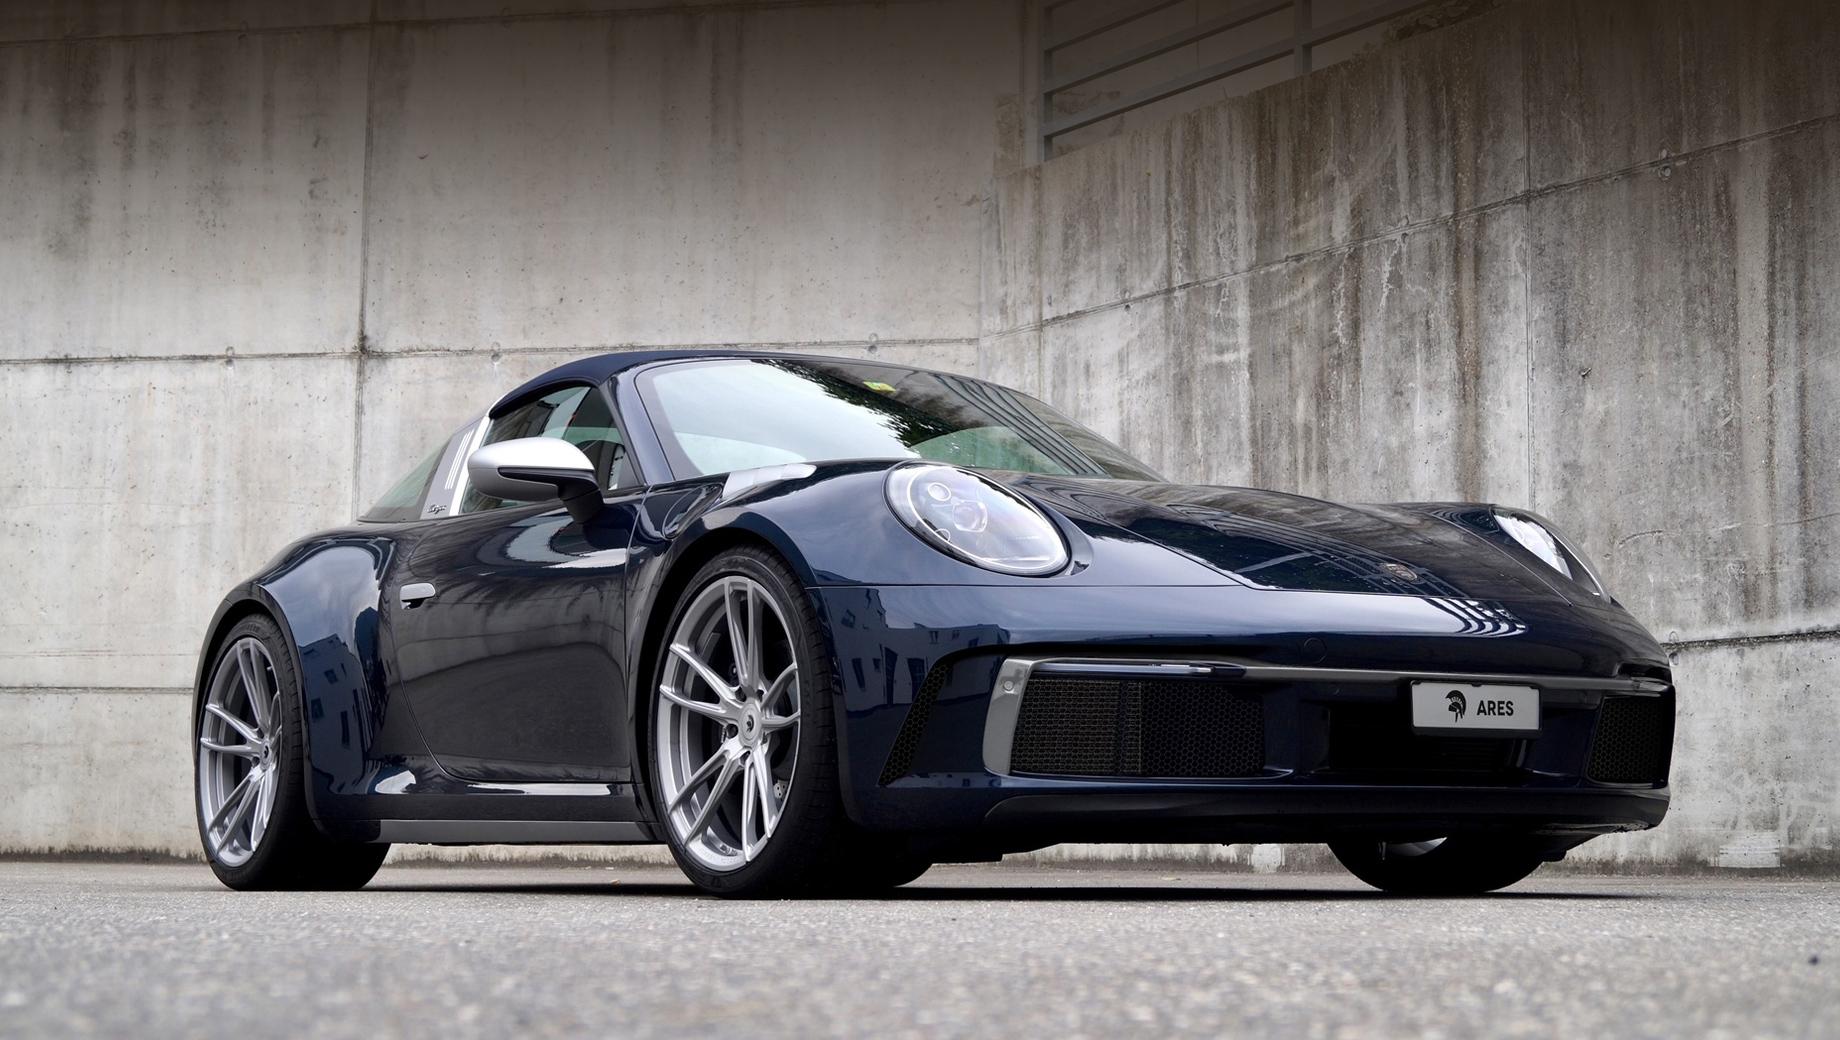 Porsche 911,Porsche 911 targa. Эмблема Porsche на носу уступила место значку Ares, а шильдик 911 Targa на заднем бампере заменён надписью «aresdesign».